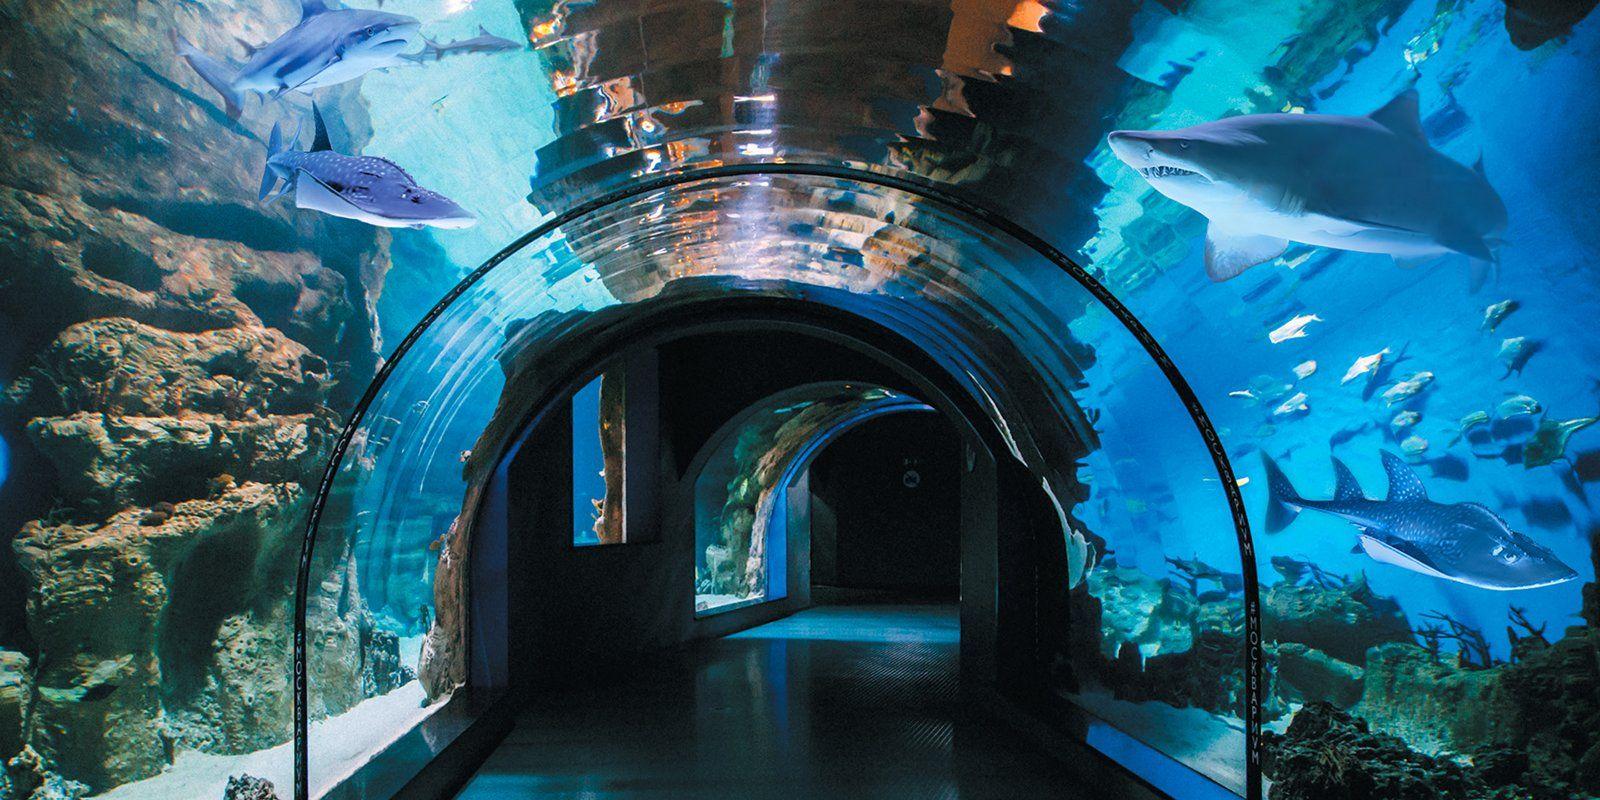 Московский океанариум на ВДНХ подготовил познавательные видеоматериалы